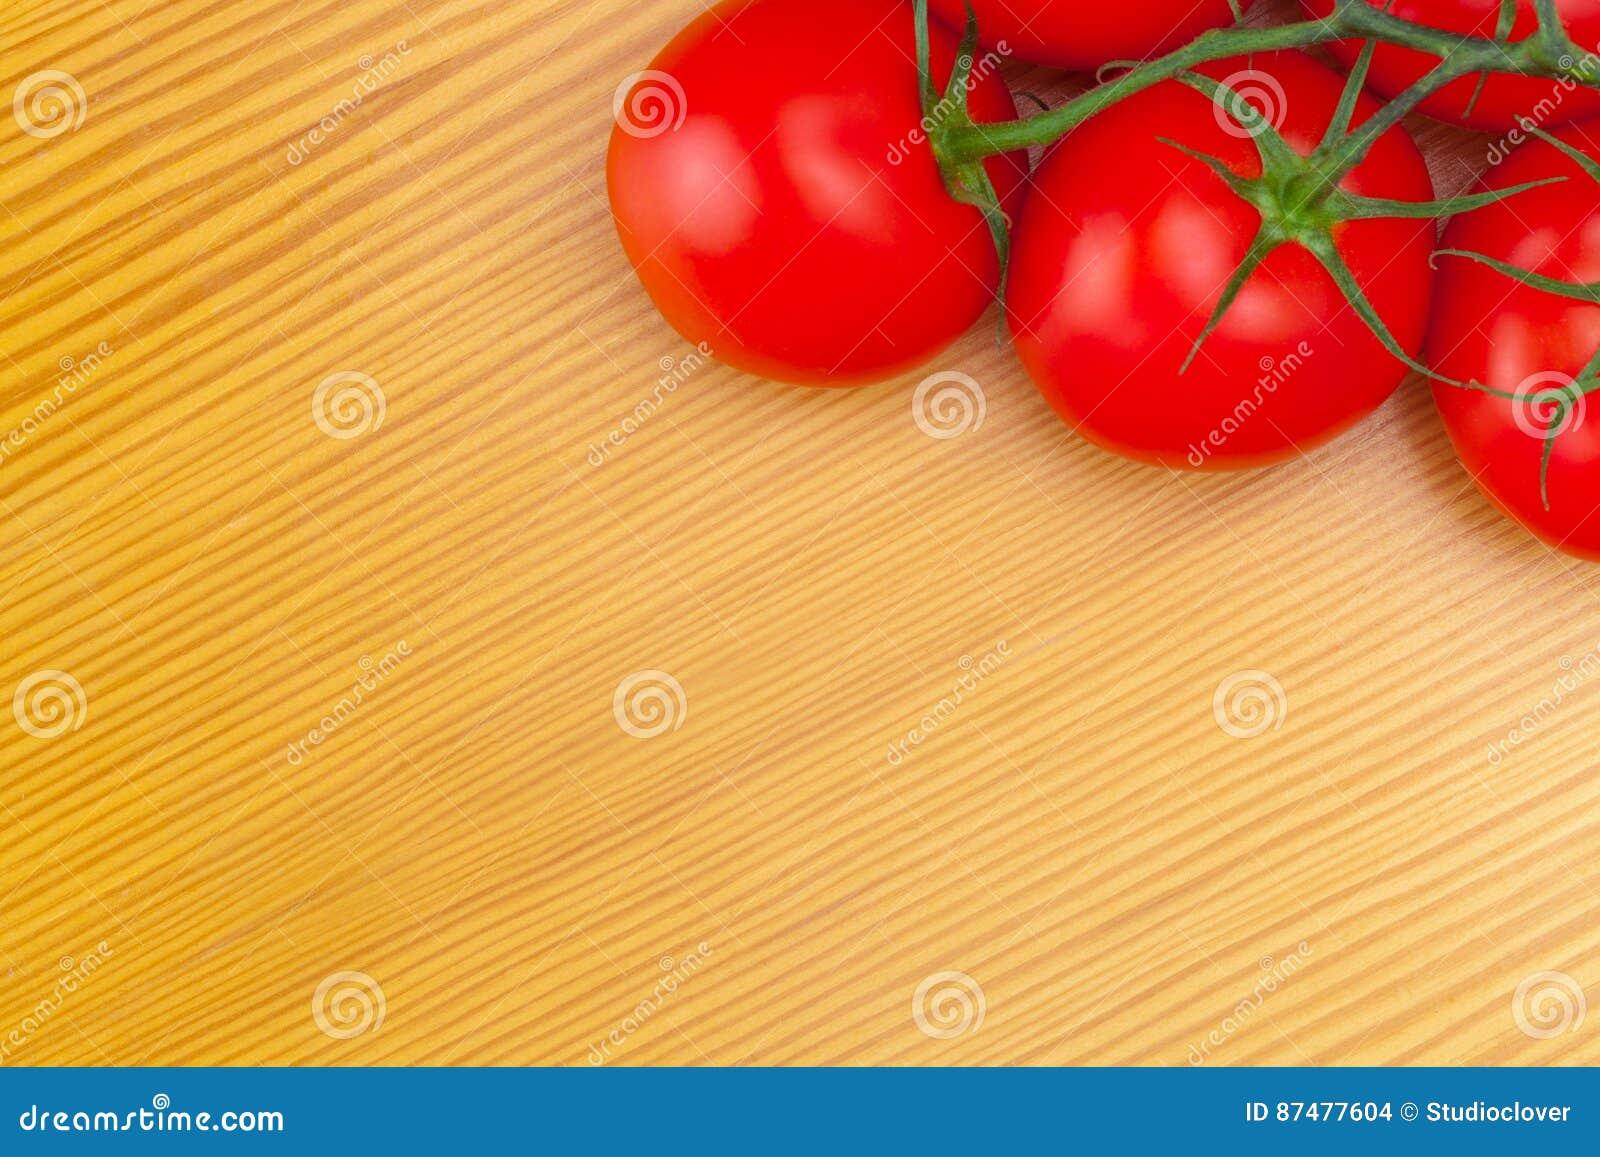 Закройте вверх по студии снятой пука томатов на деревянном столе